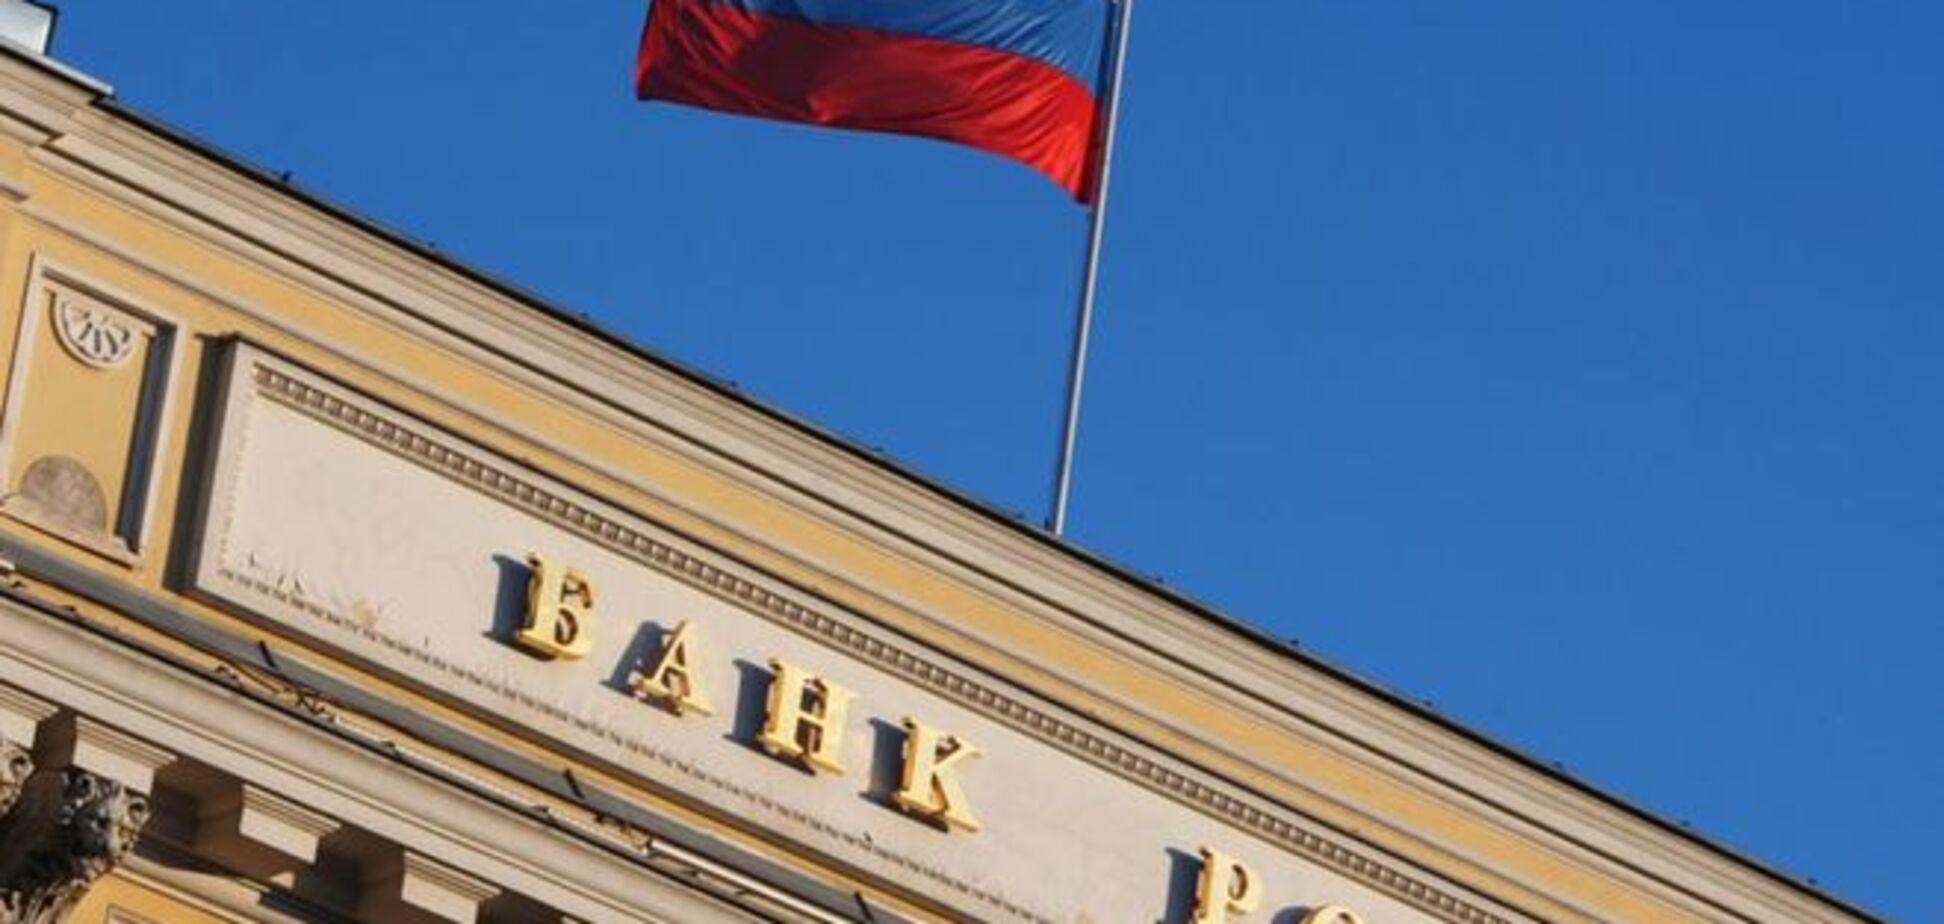 Банковская система РФ – живой труп, которому осталось недолго